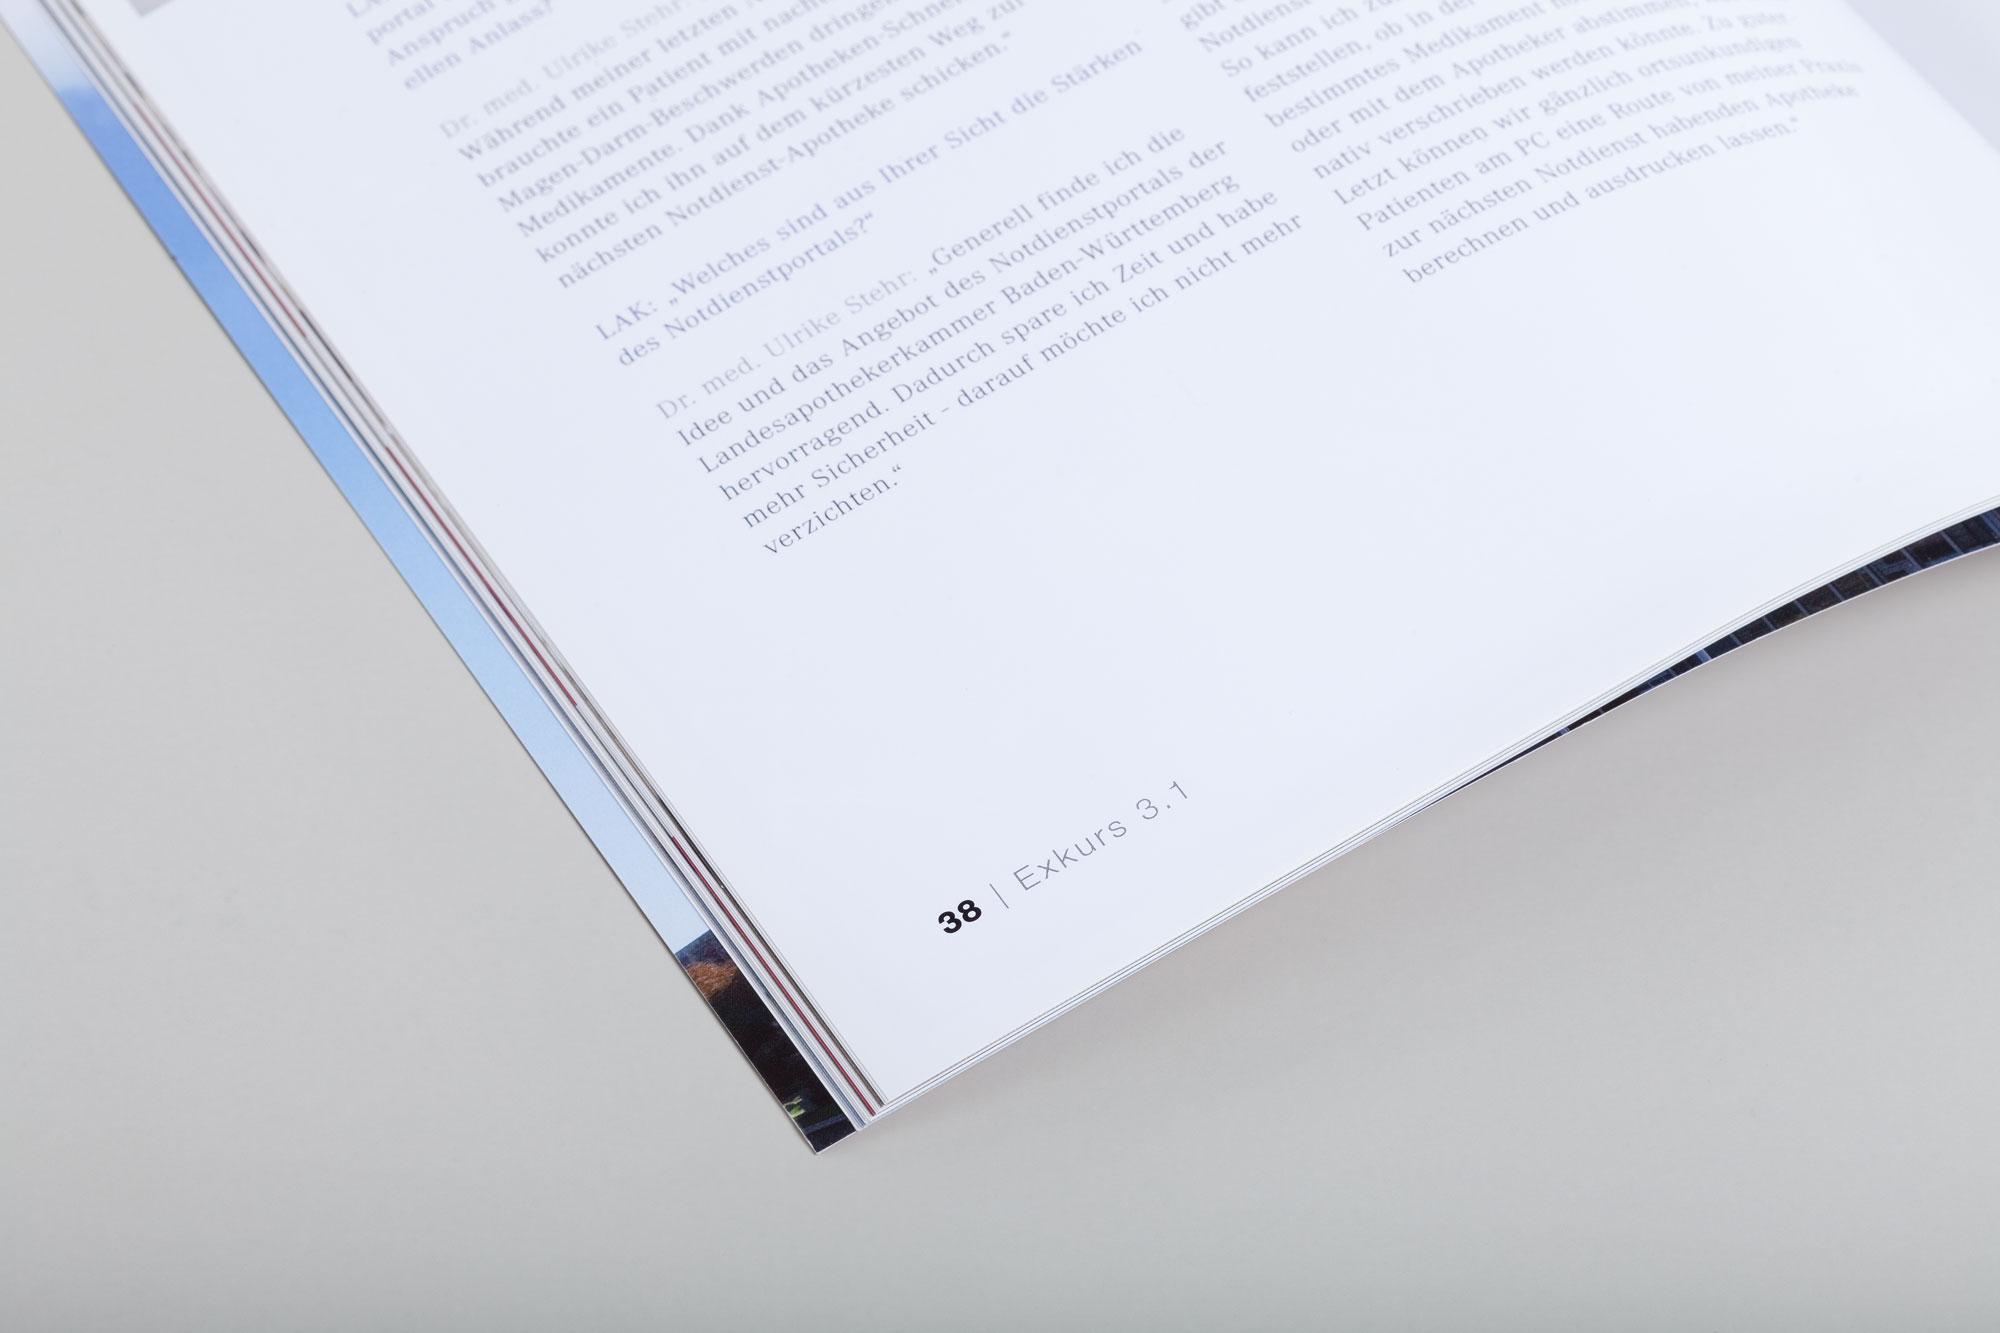 75a gestaltet die Imagebroschüre der LAK Baden-Württemberg